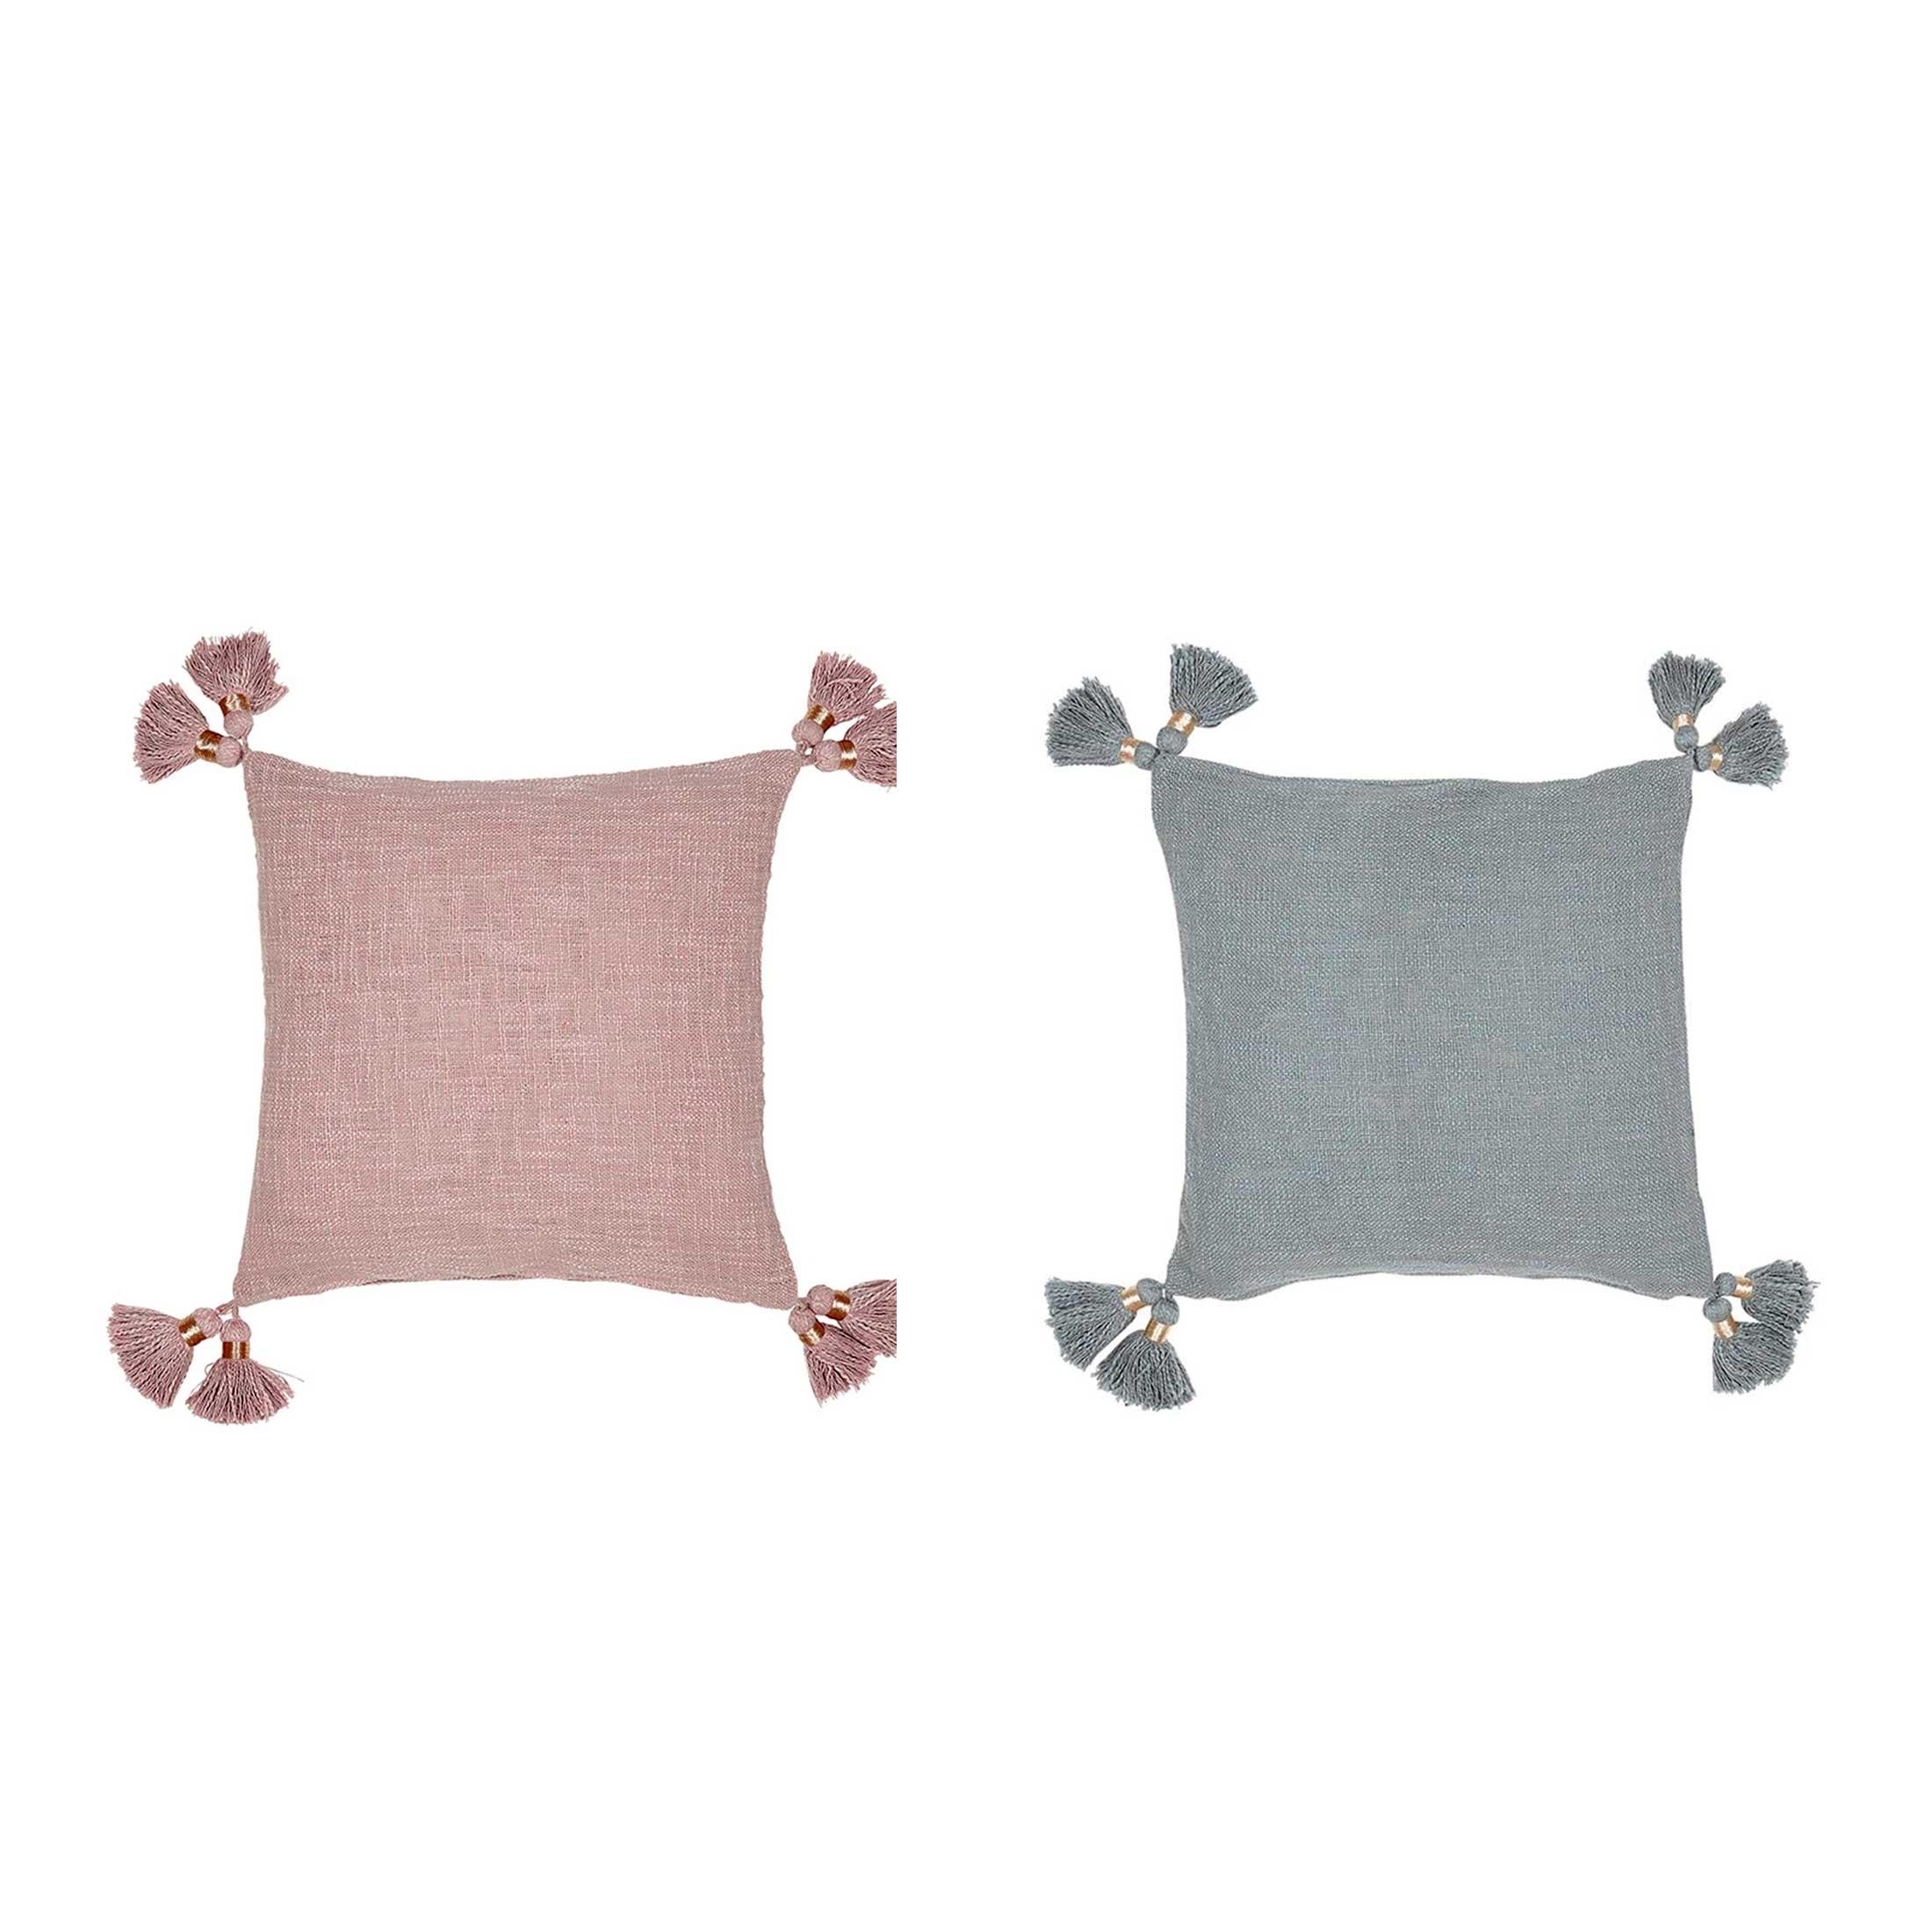 Deko Kissen in Grau sowie Rosa in 45 x 45 cm aus Bio Baumwolle mit süßen Bommeln von der Trendmarke Liv Interior. Entdecke die Deko Kissen in Rosa & Grau für das Sofa